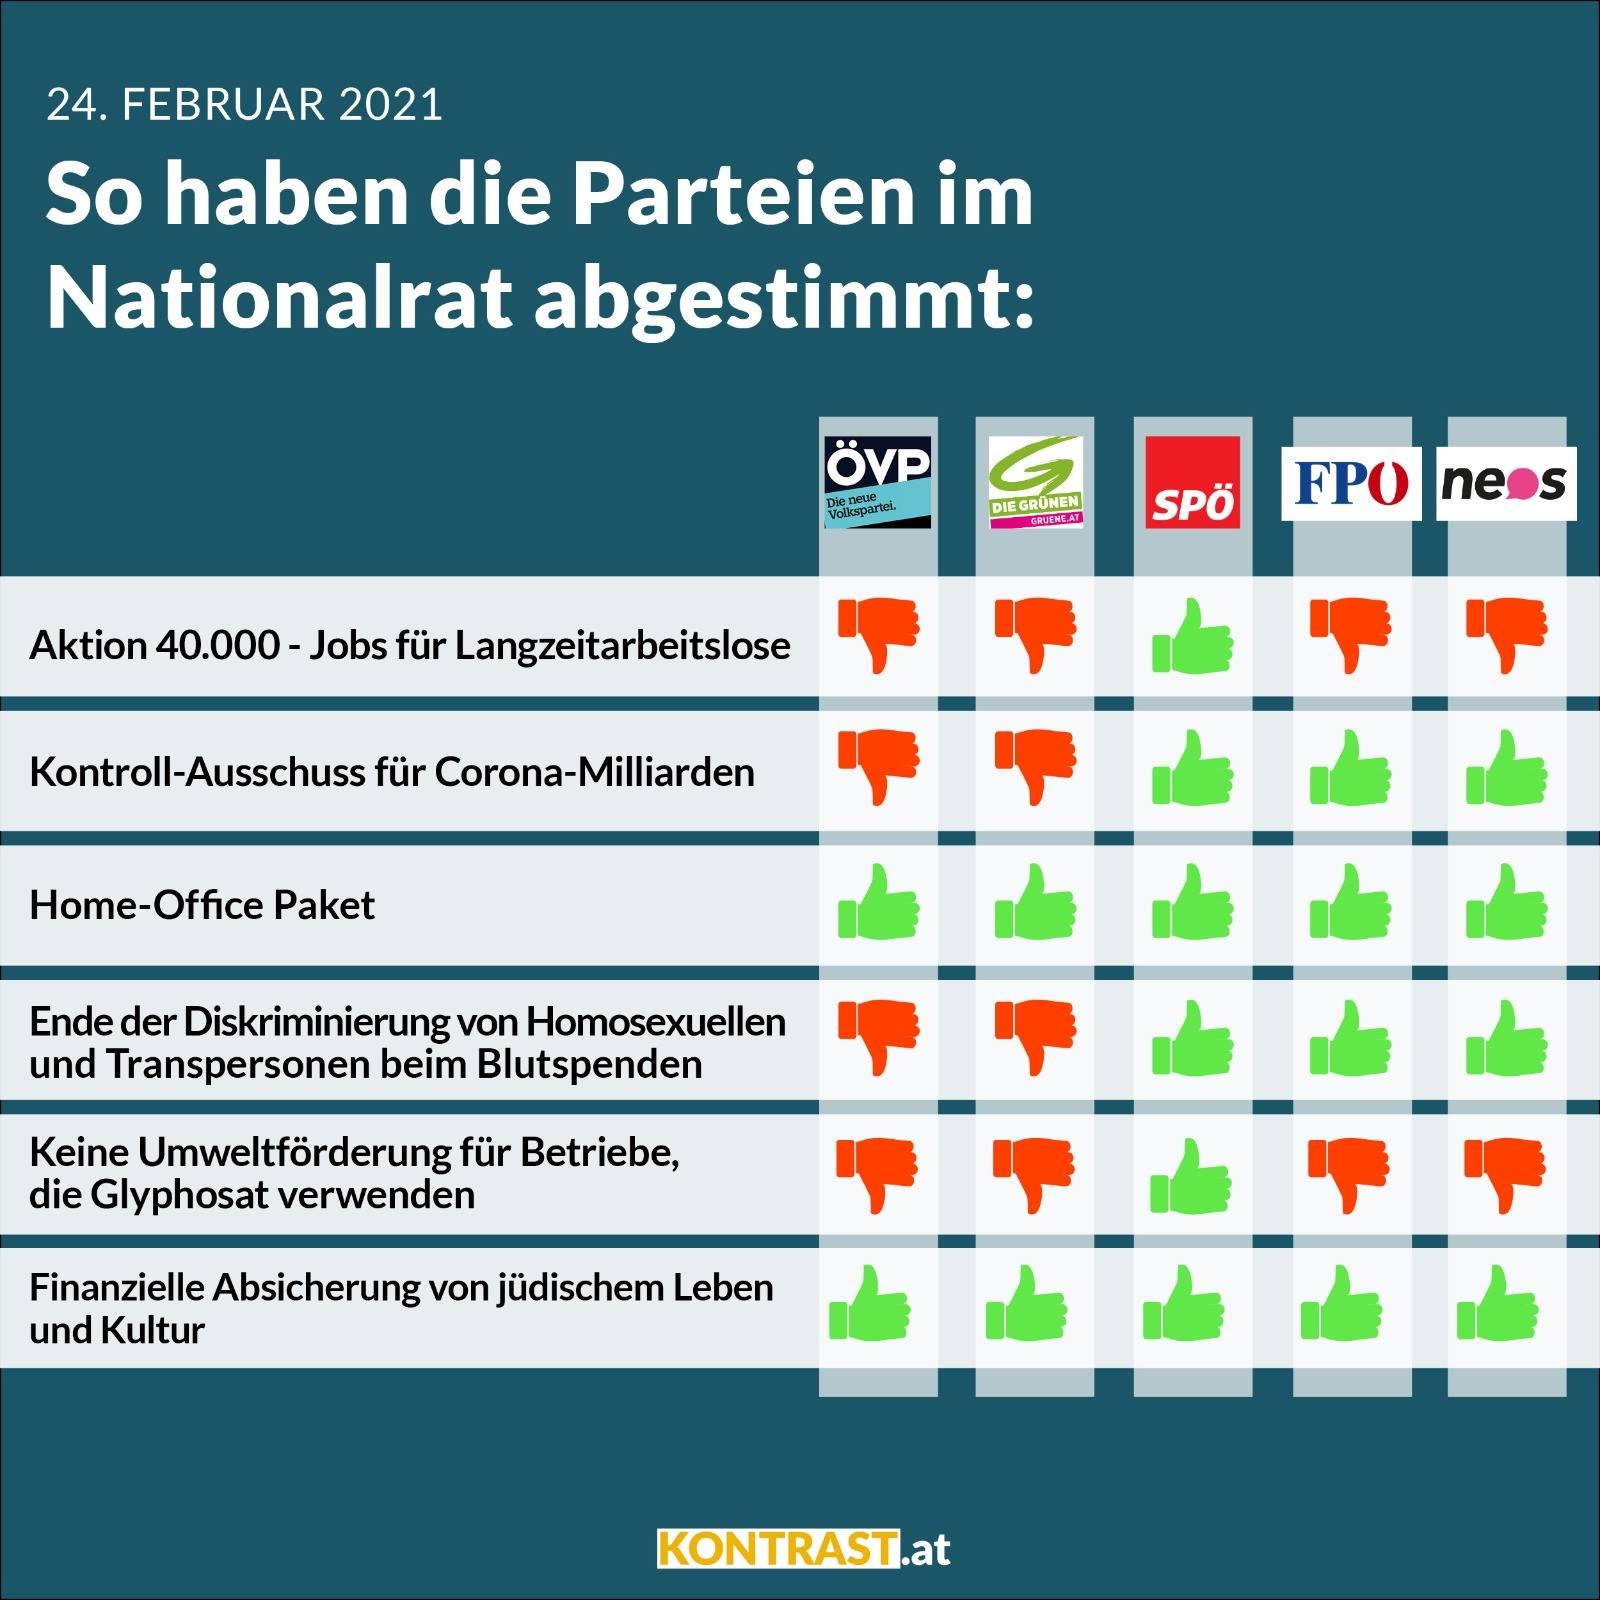 Abstimmungsverhalten im Nationalrat, 24. Februar 2021